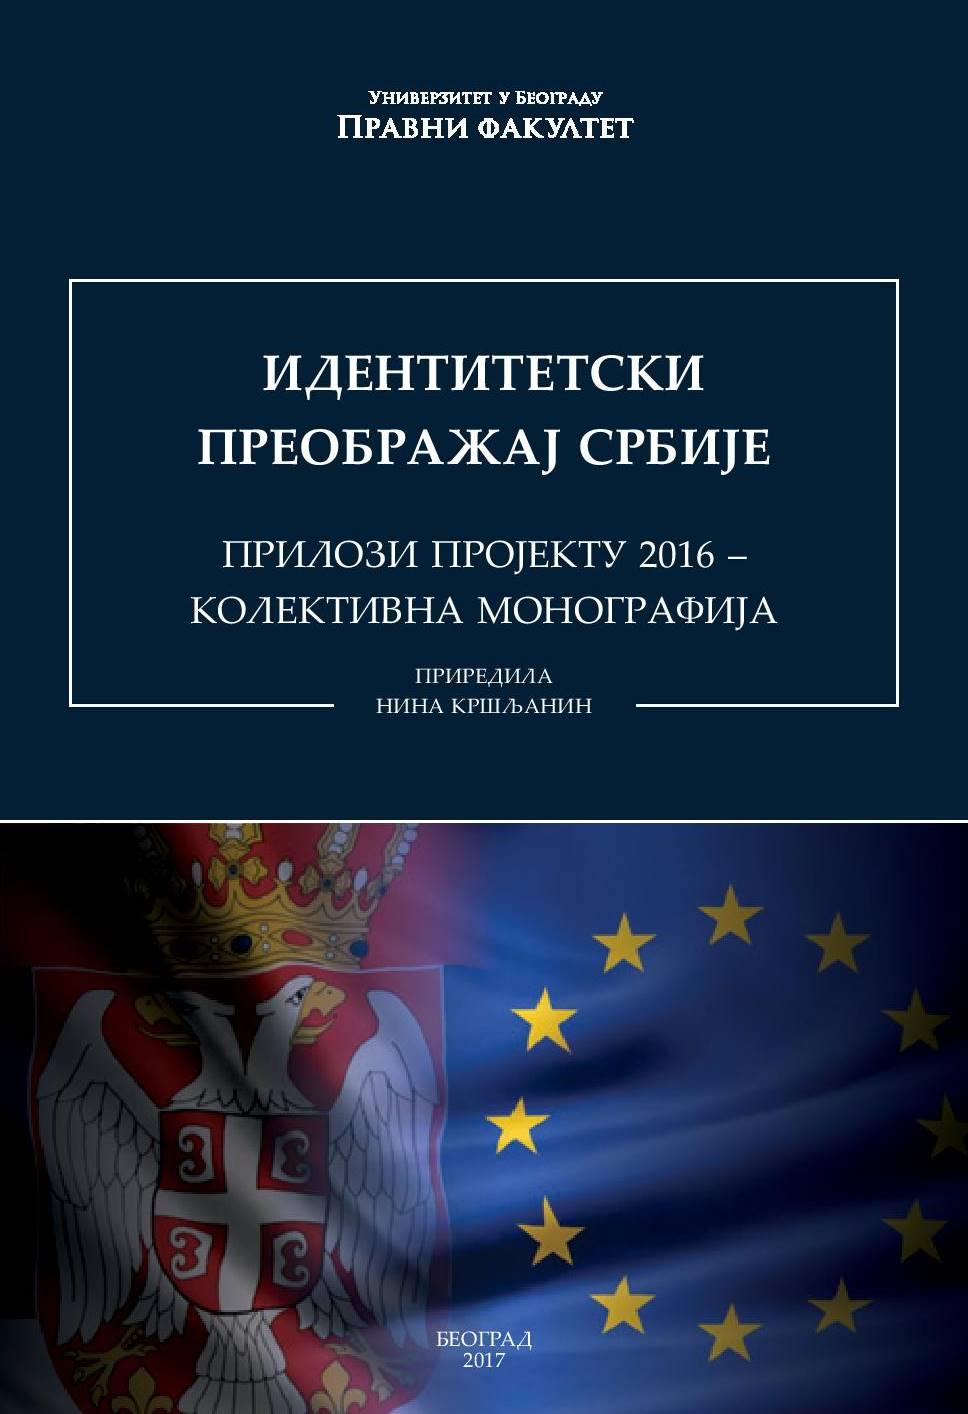 2016 – зборник радова Идентитетски преображај Србије